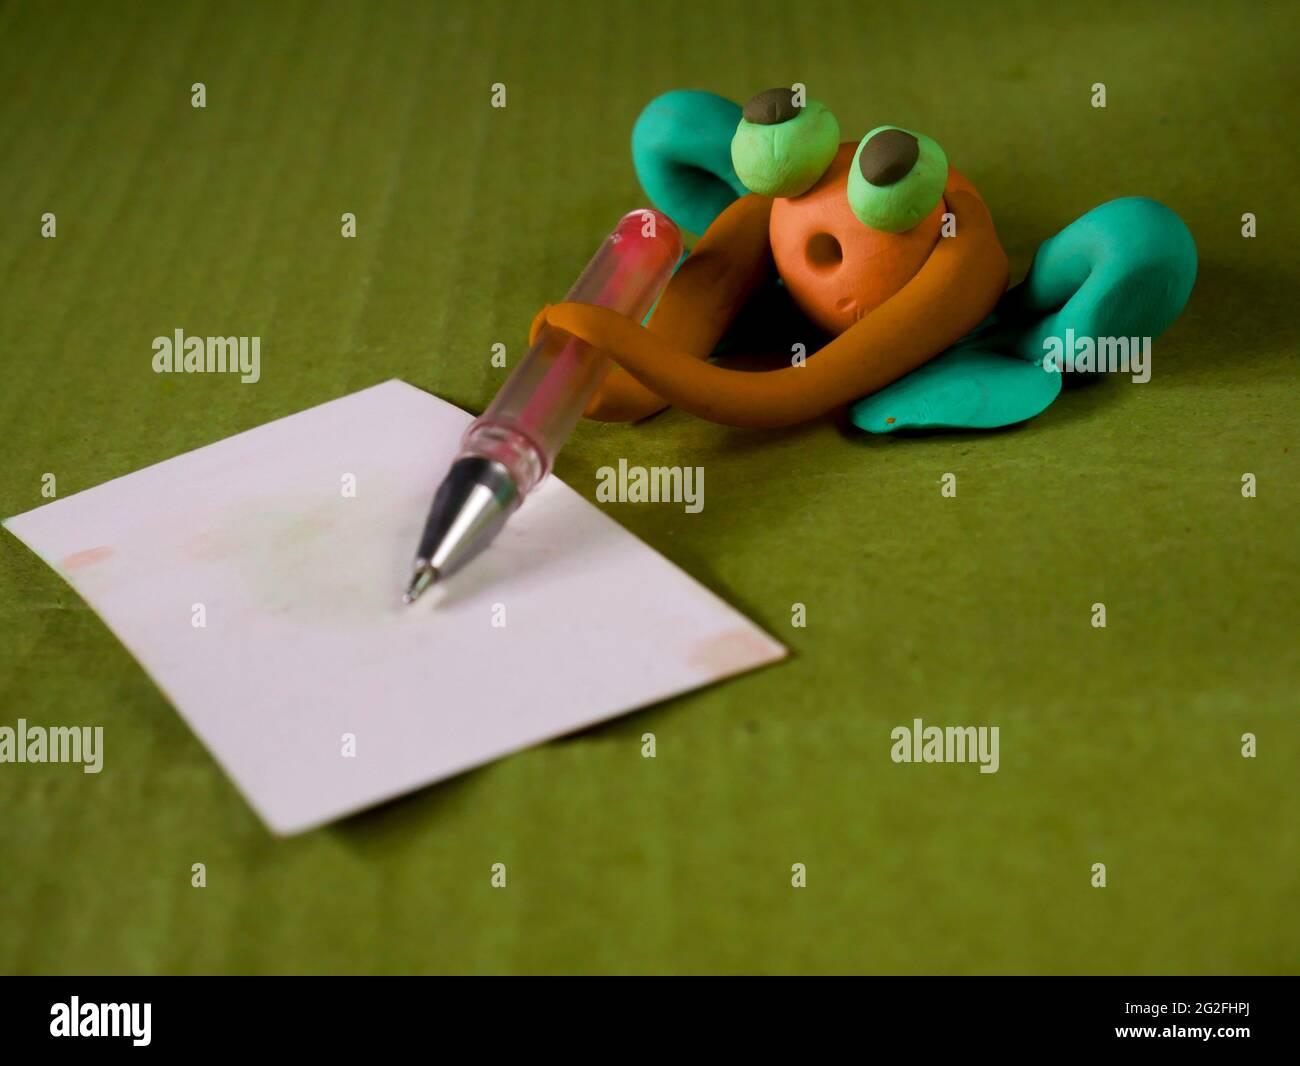 Drôle de grenouille d'argile tenant stylo écriture sur le concept d'éducation de carte blanche Banque D'Images